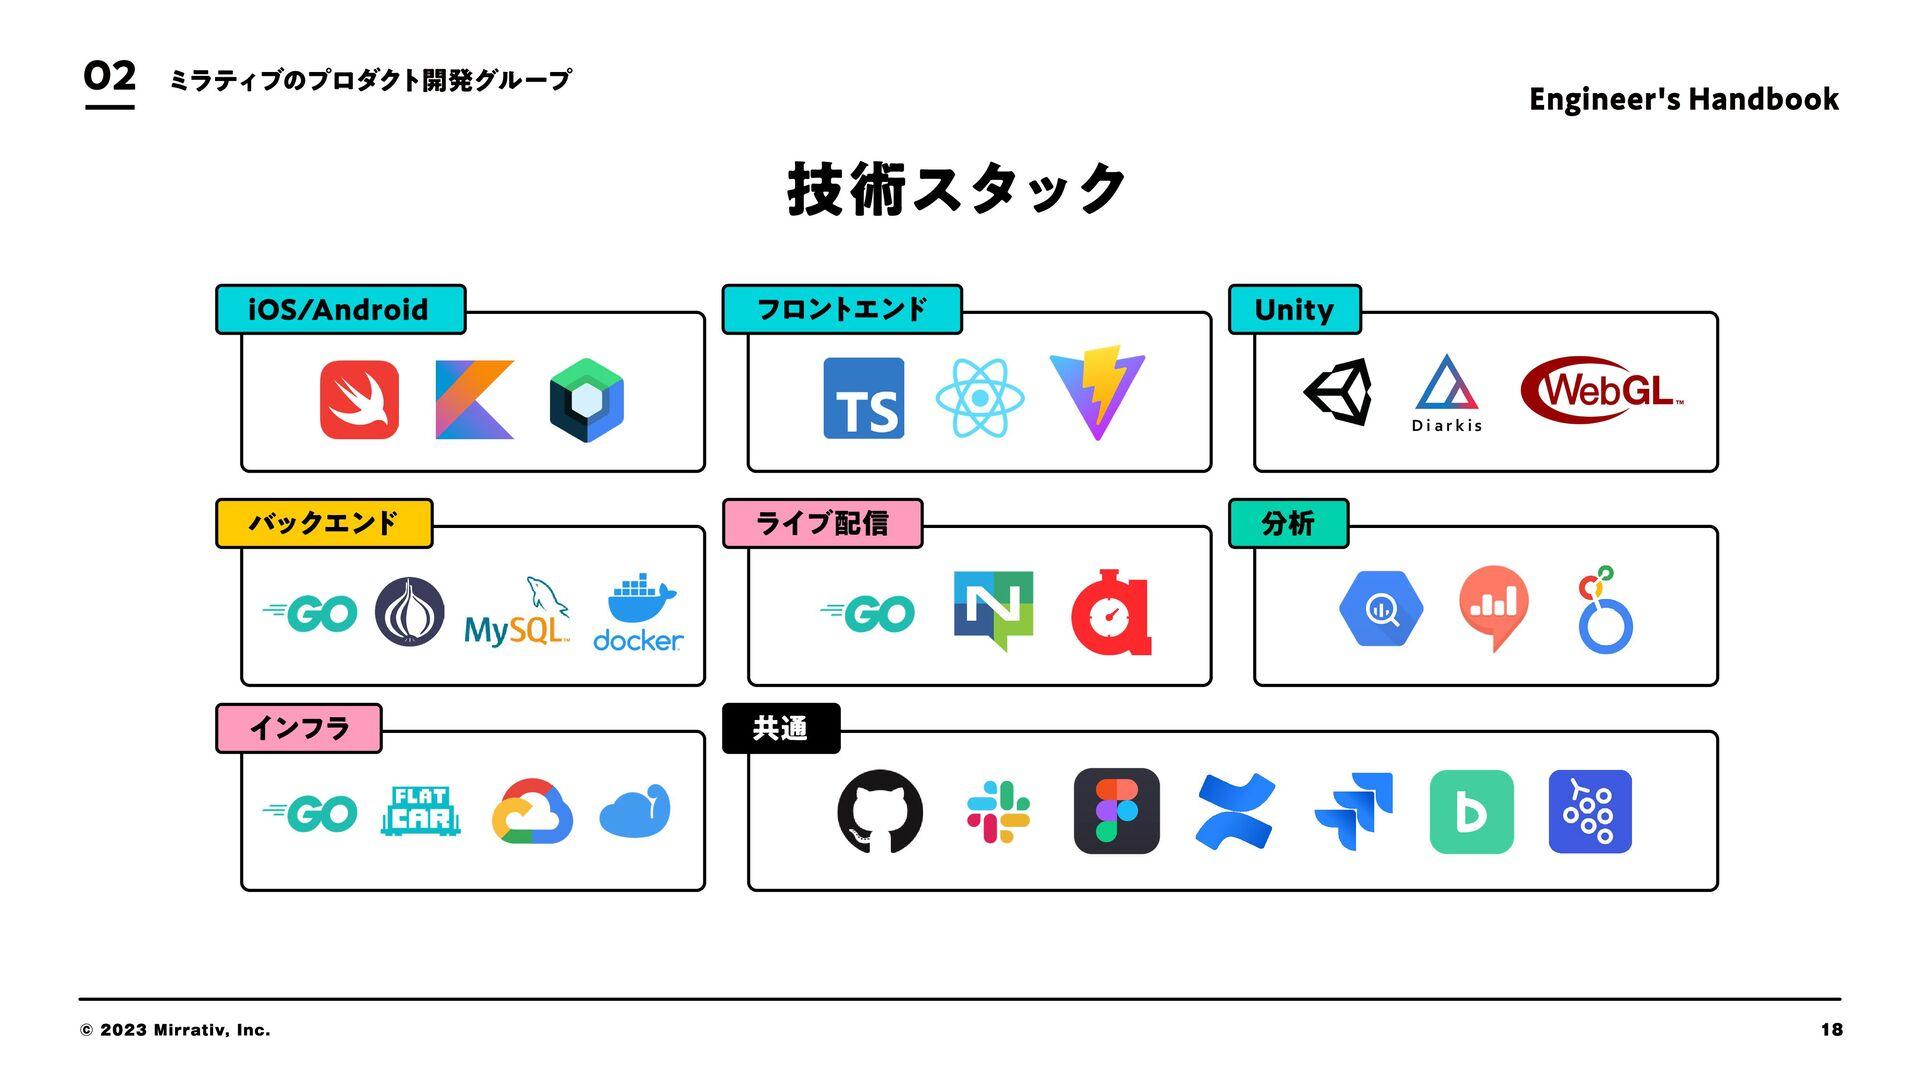 チーム構成 CHAPTER 3 team composition 18